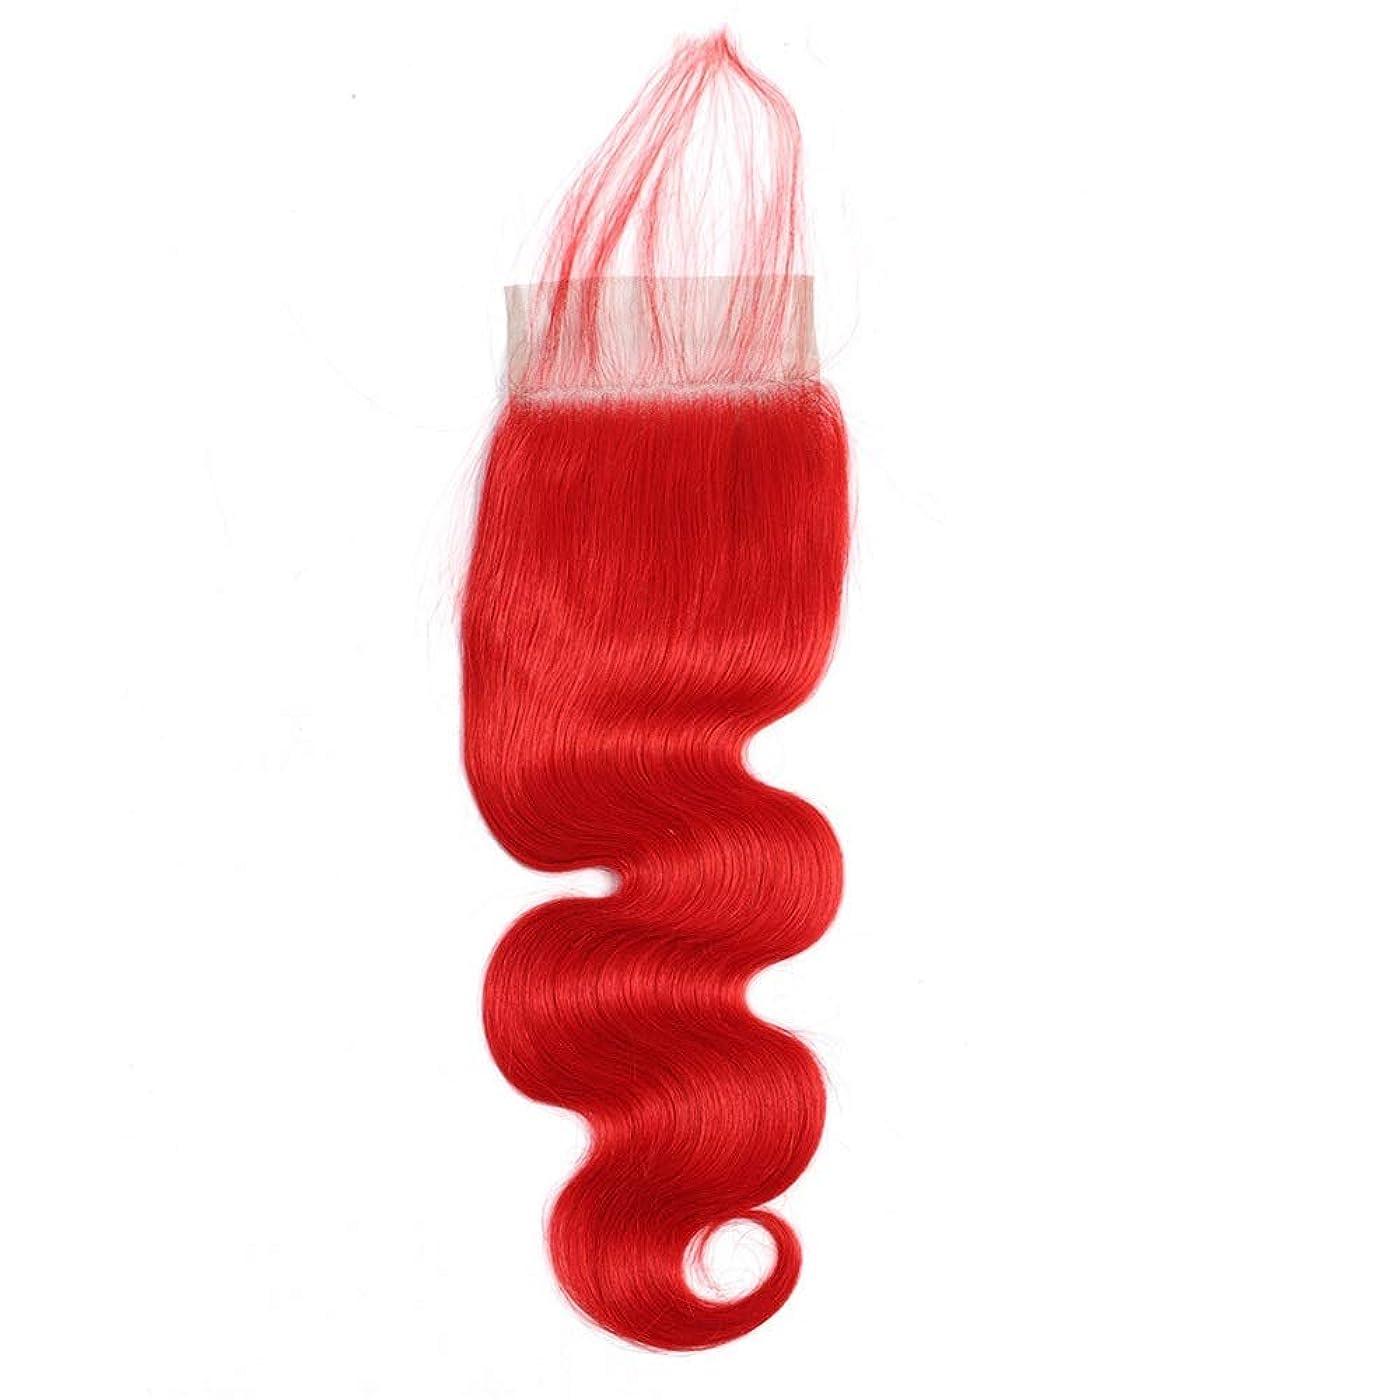 日曜日主張する破壊BOBIDYEE 4×4インチ実体波レース閉鎖ブラジルバージン人間の毛髪延長赤10インチ-16インチファッションかつら (色 : レッド, サイズ : 16 inch)